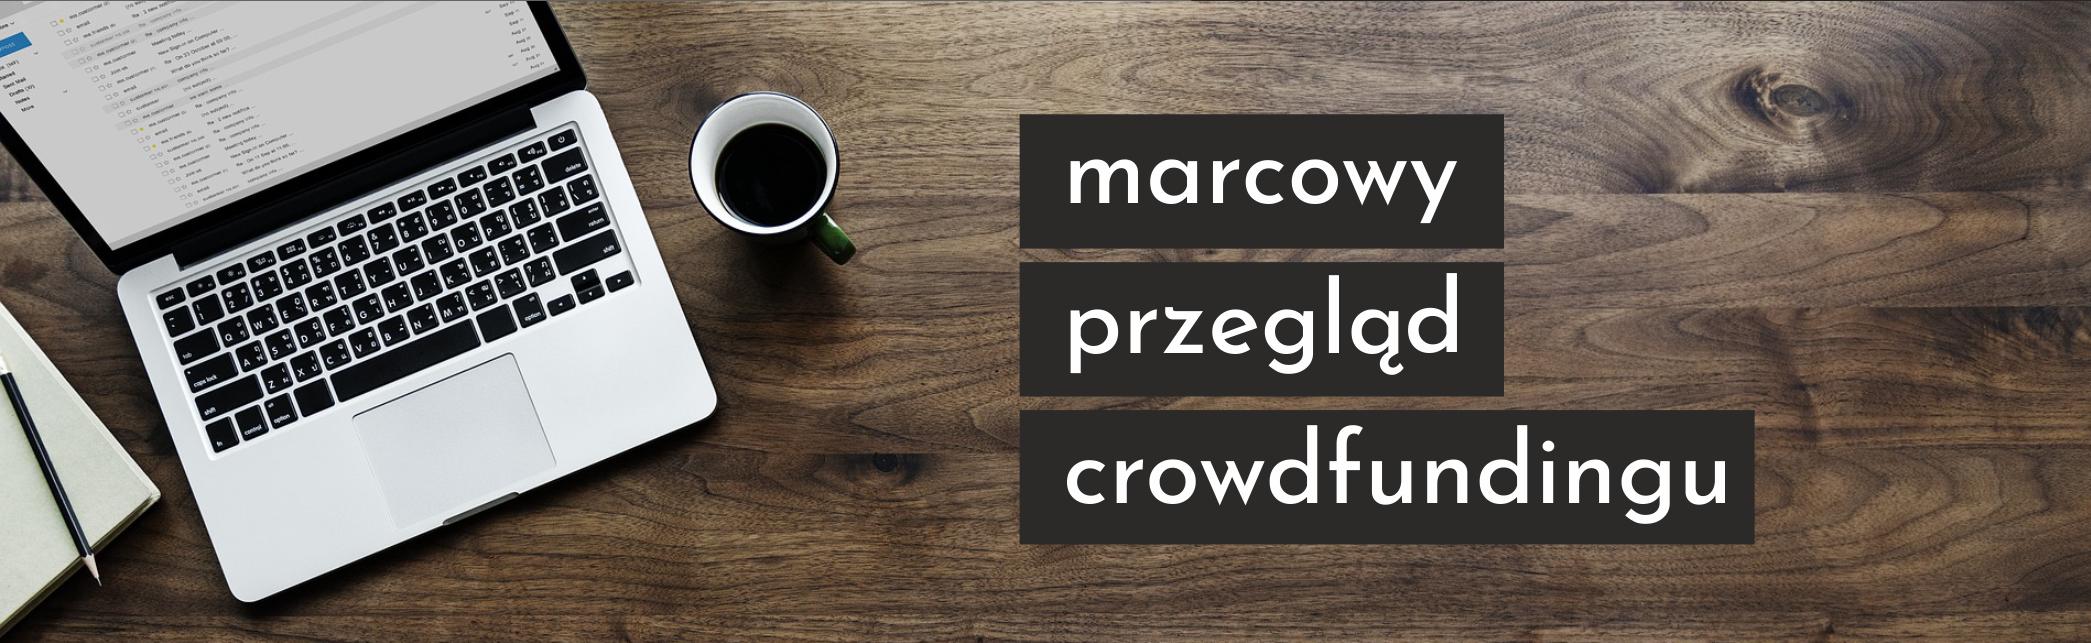 Marcowy przegląd crowdfundingu